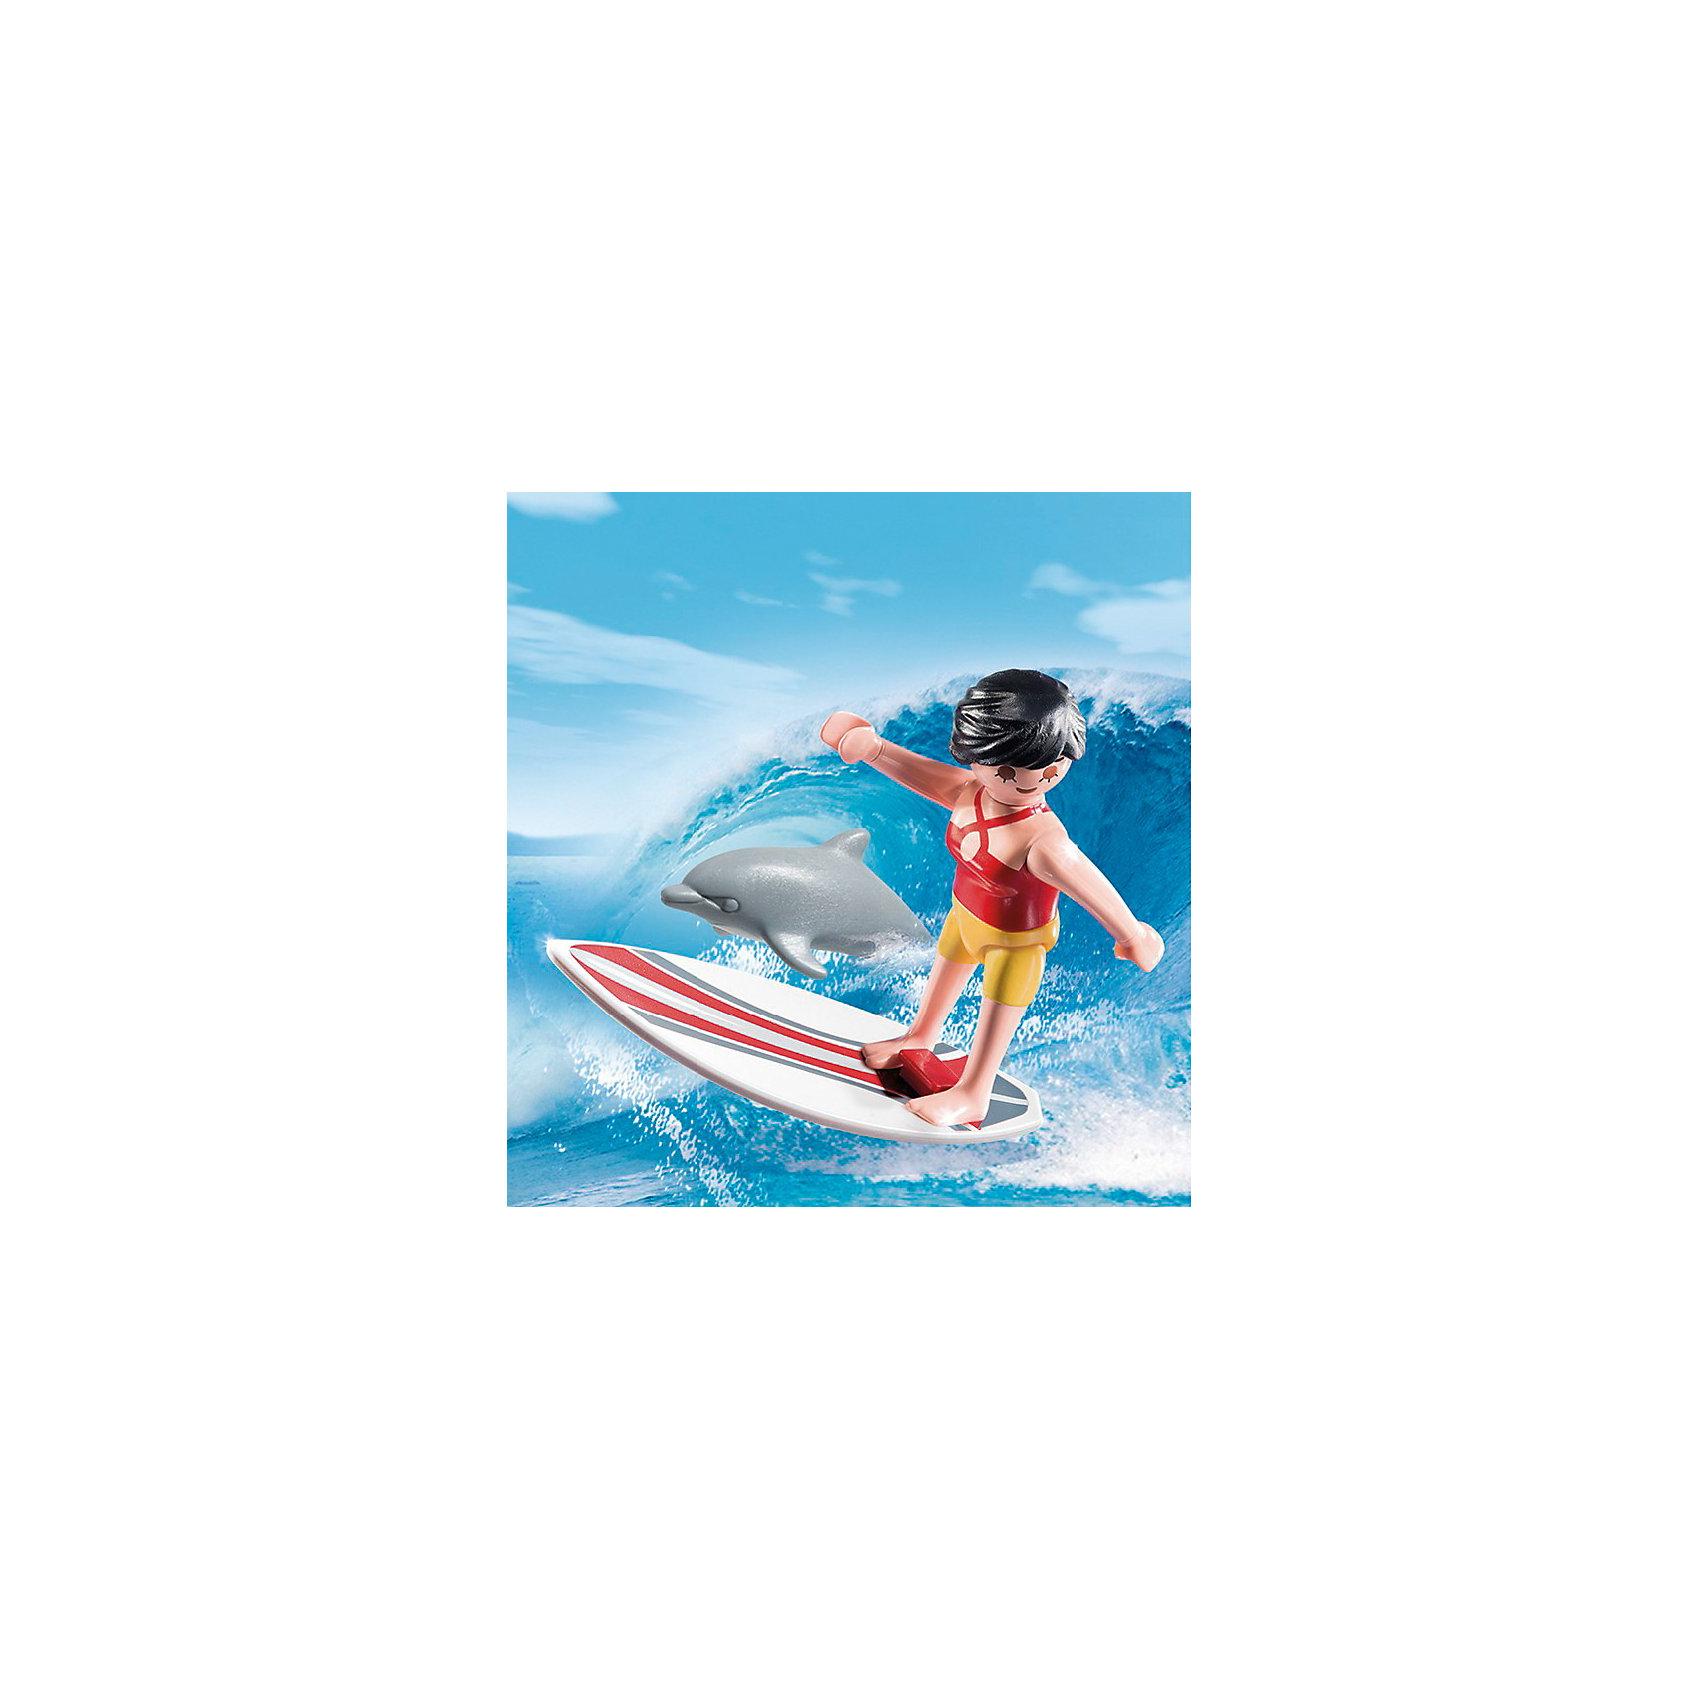 PLAYMOBIL® Экстра-набор: Сёрфингист с доской, PLAYMOBIL playmobil мальчики с гоночным мотоциклом